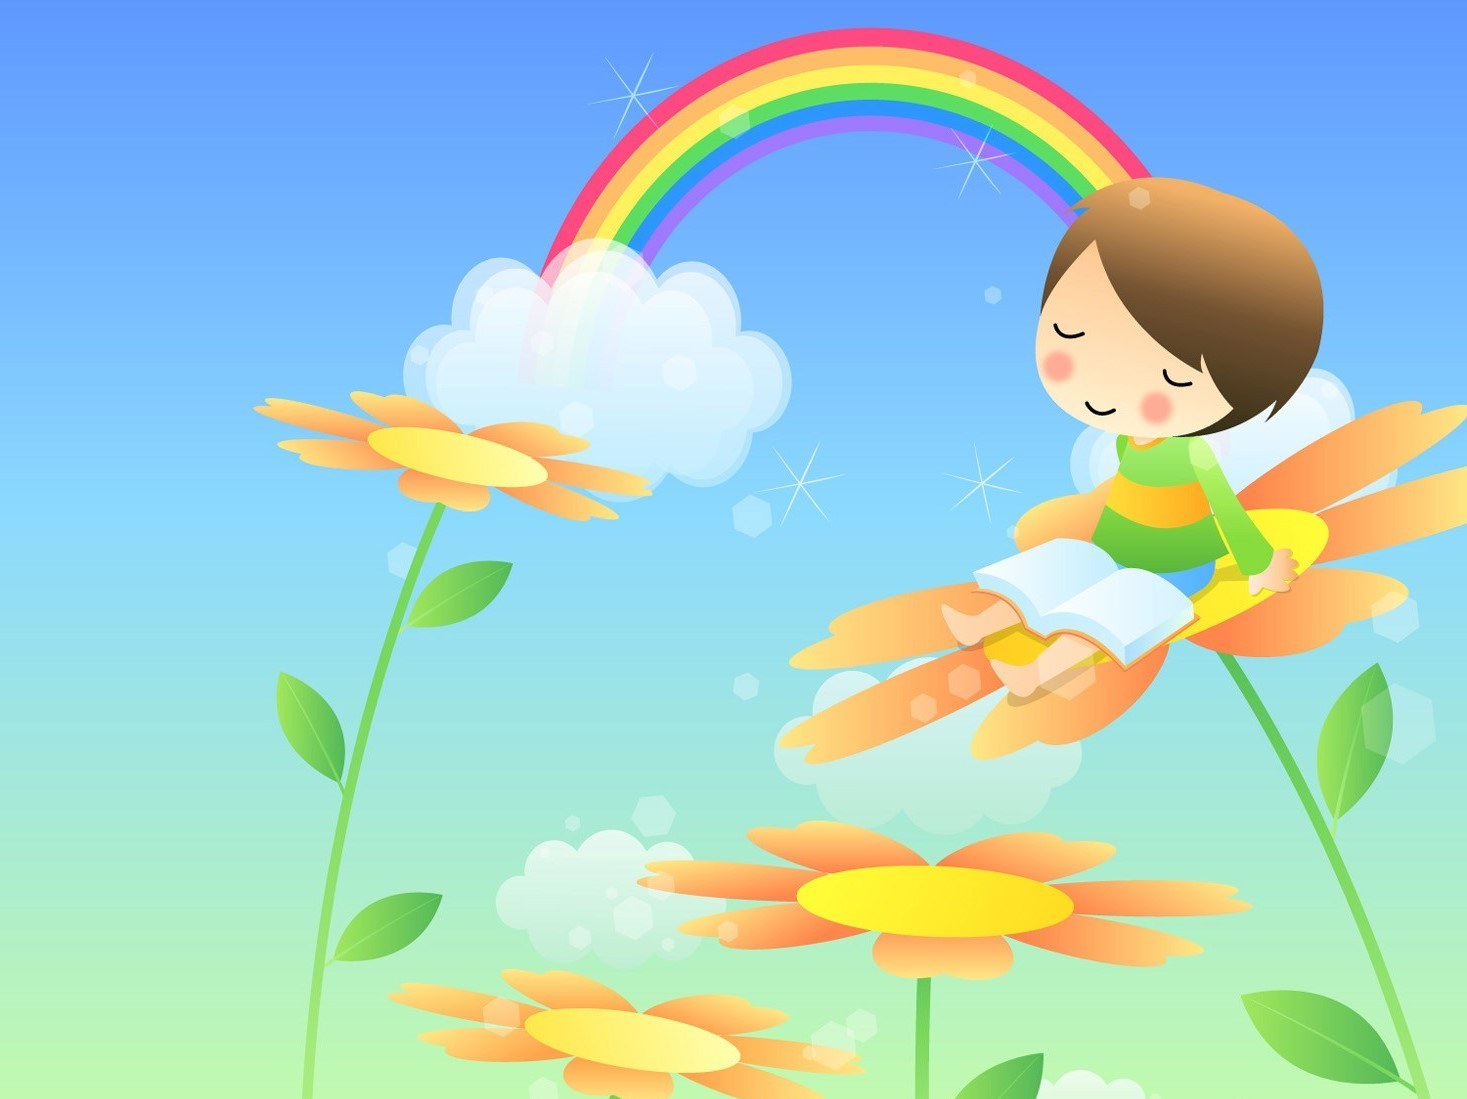 Релакс картинка для детей